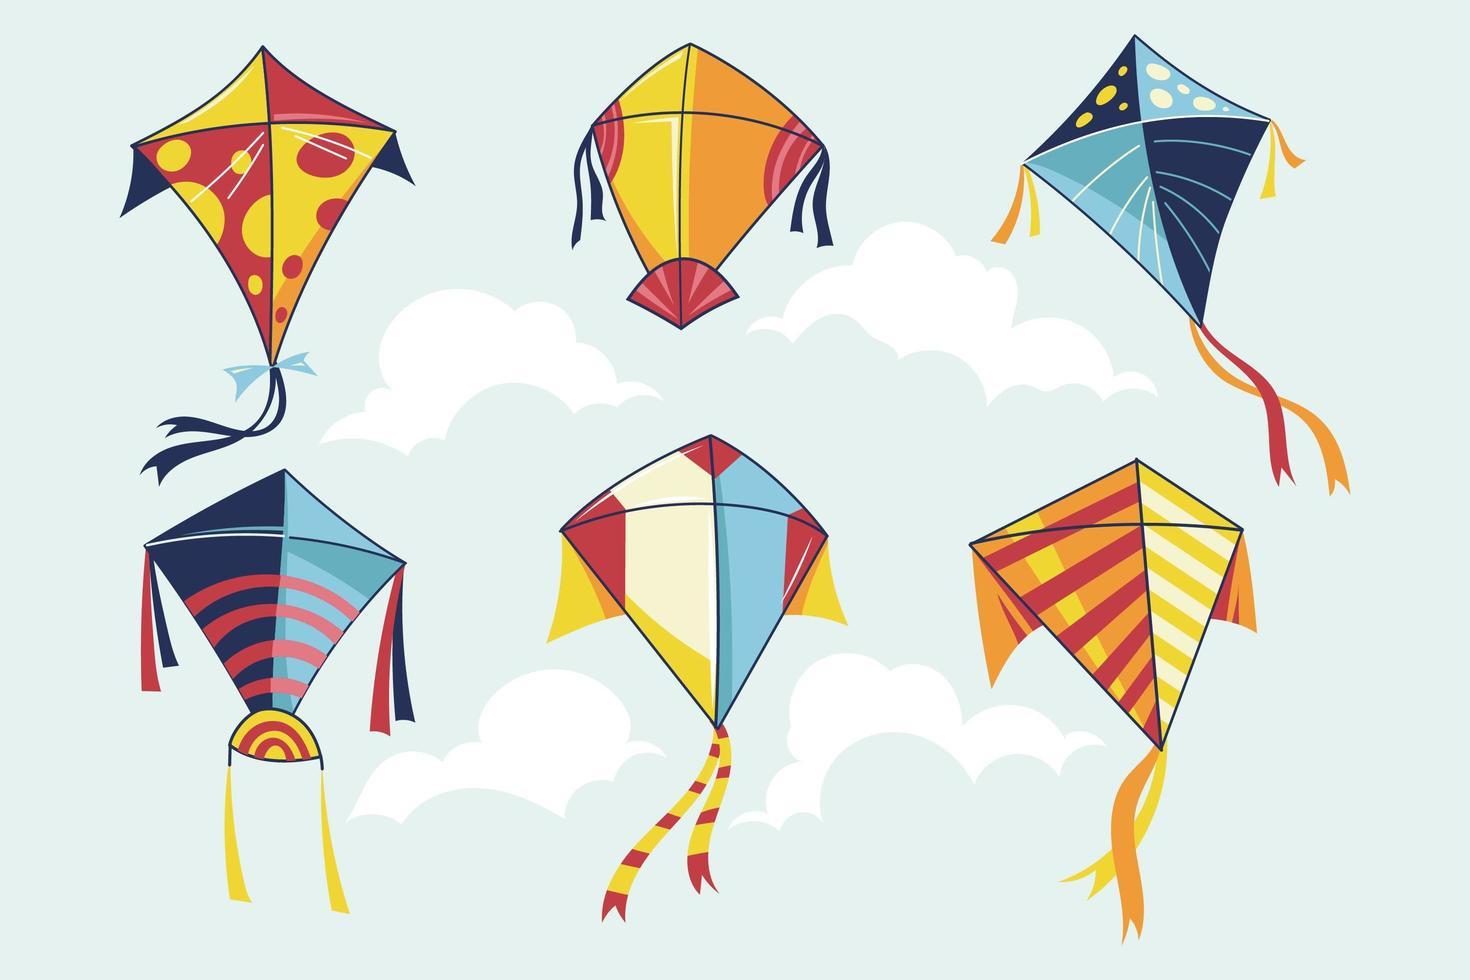 ensemble de cerfs-volants multicolores vecteur